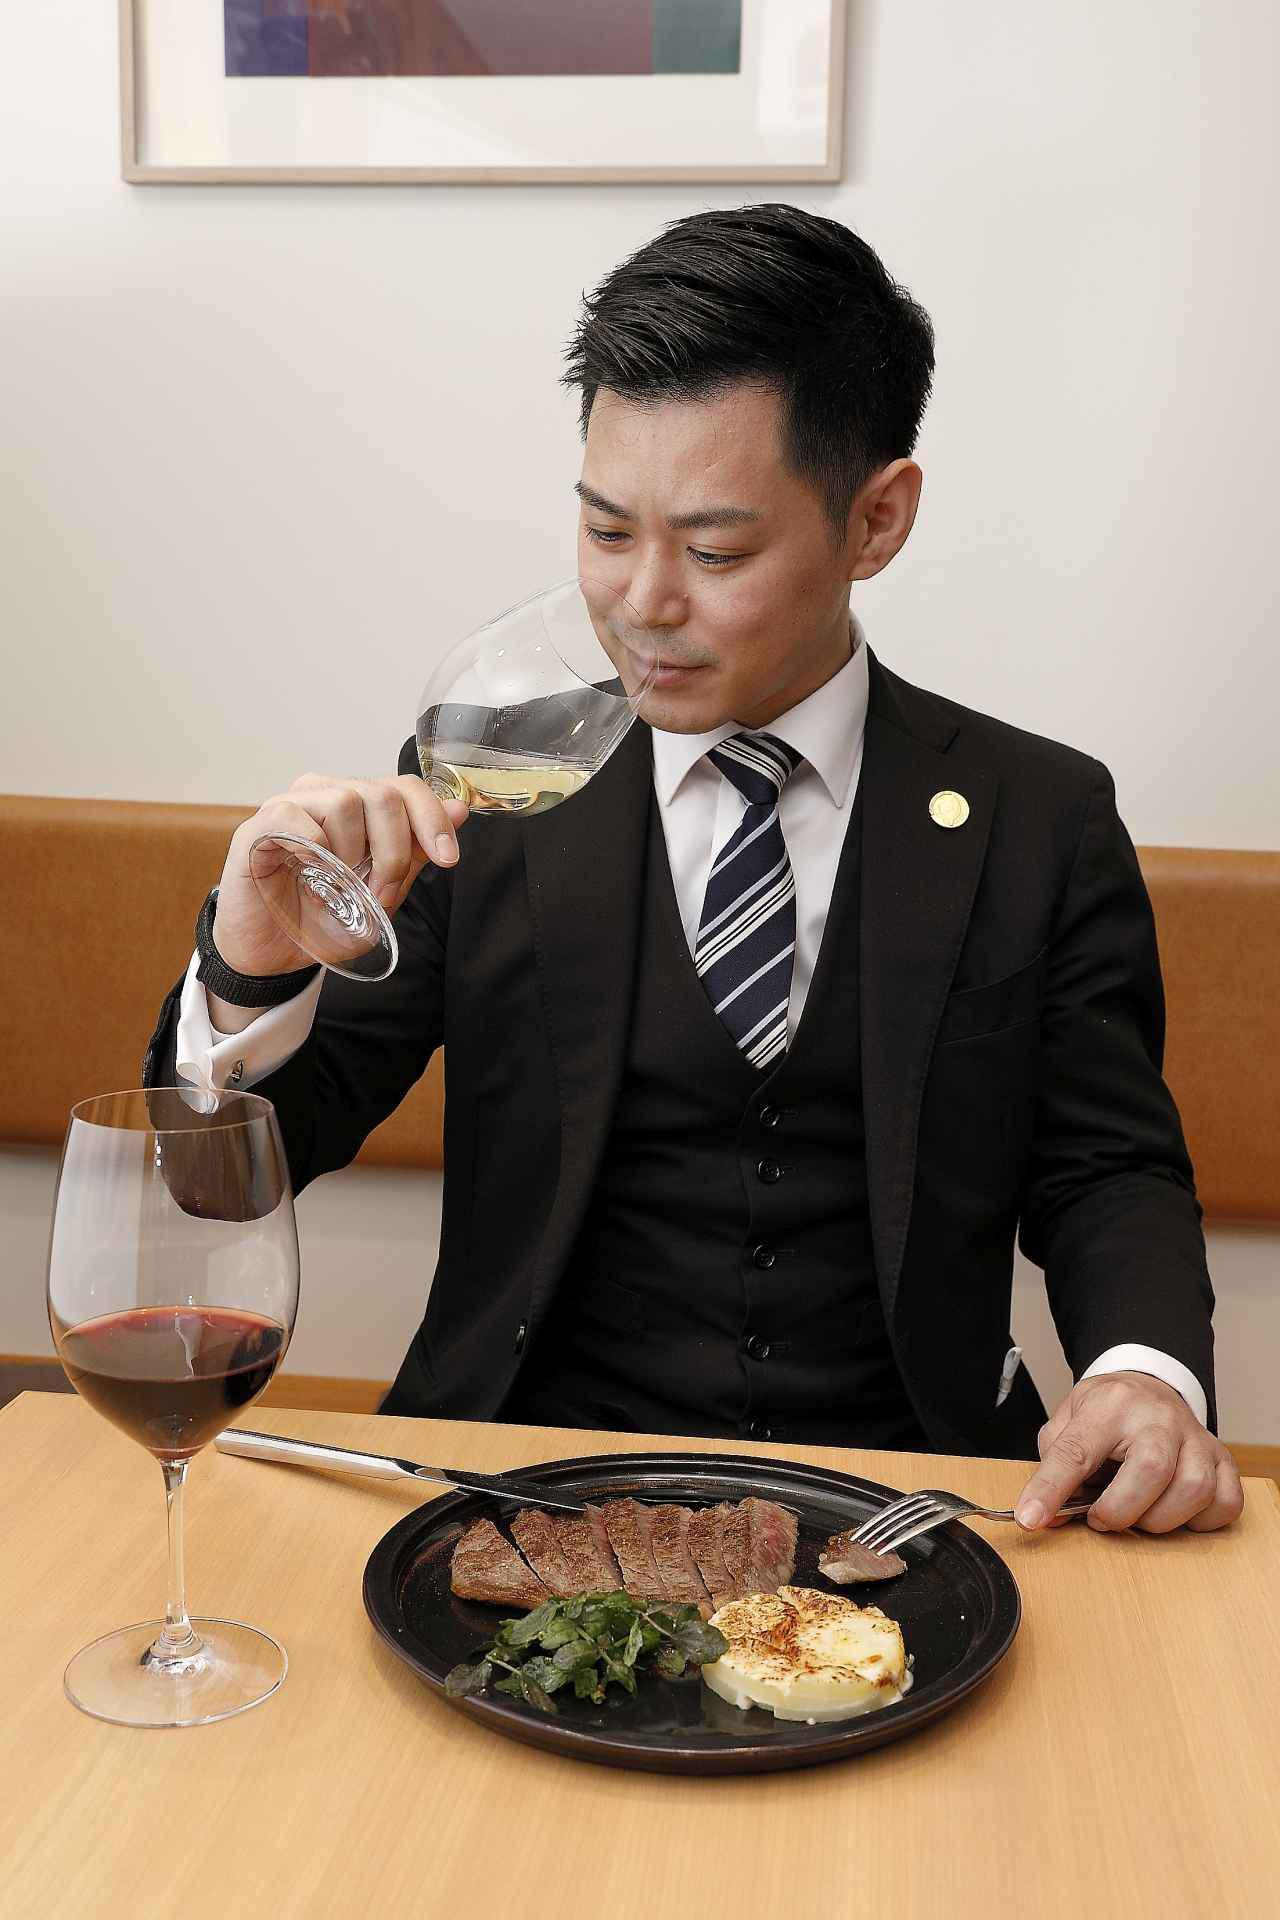 画像: 「料理と合わせるとワインの味わいがグッと引き立ちます」と井黒ソムリエ。「マリアージュポイントがたくさんあるのがローヌワインの魅力!」